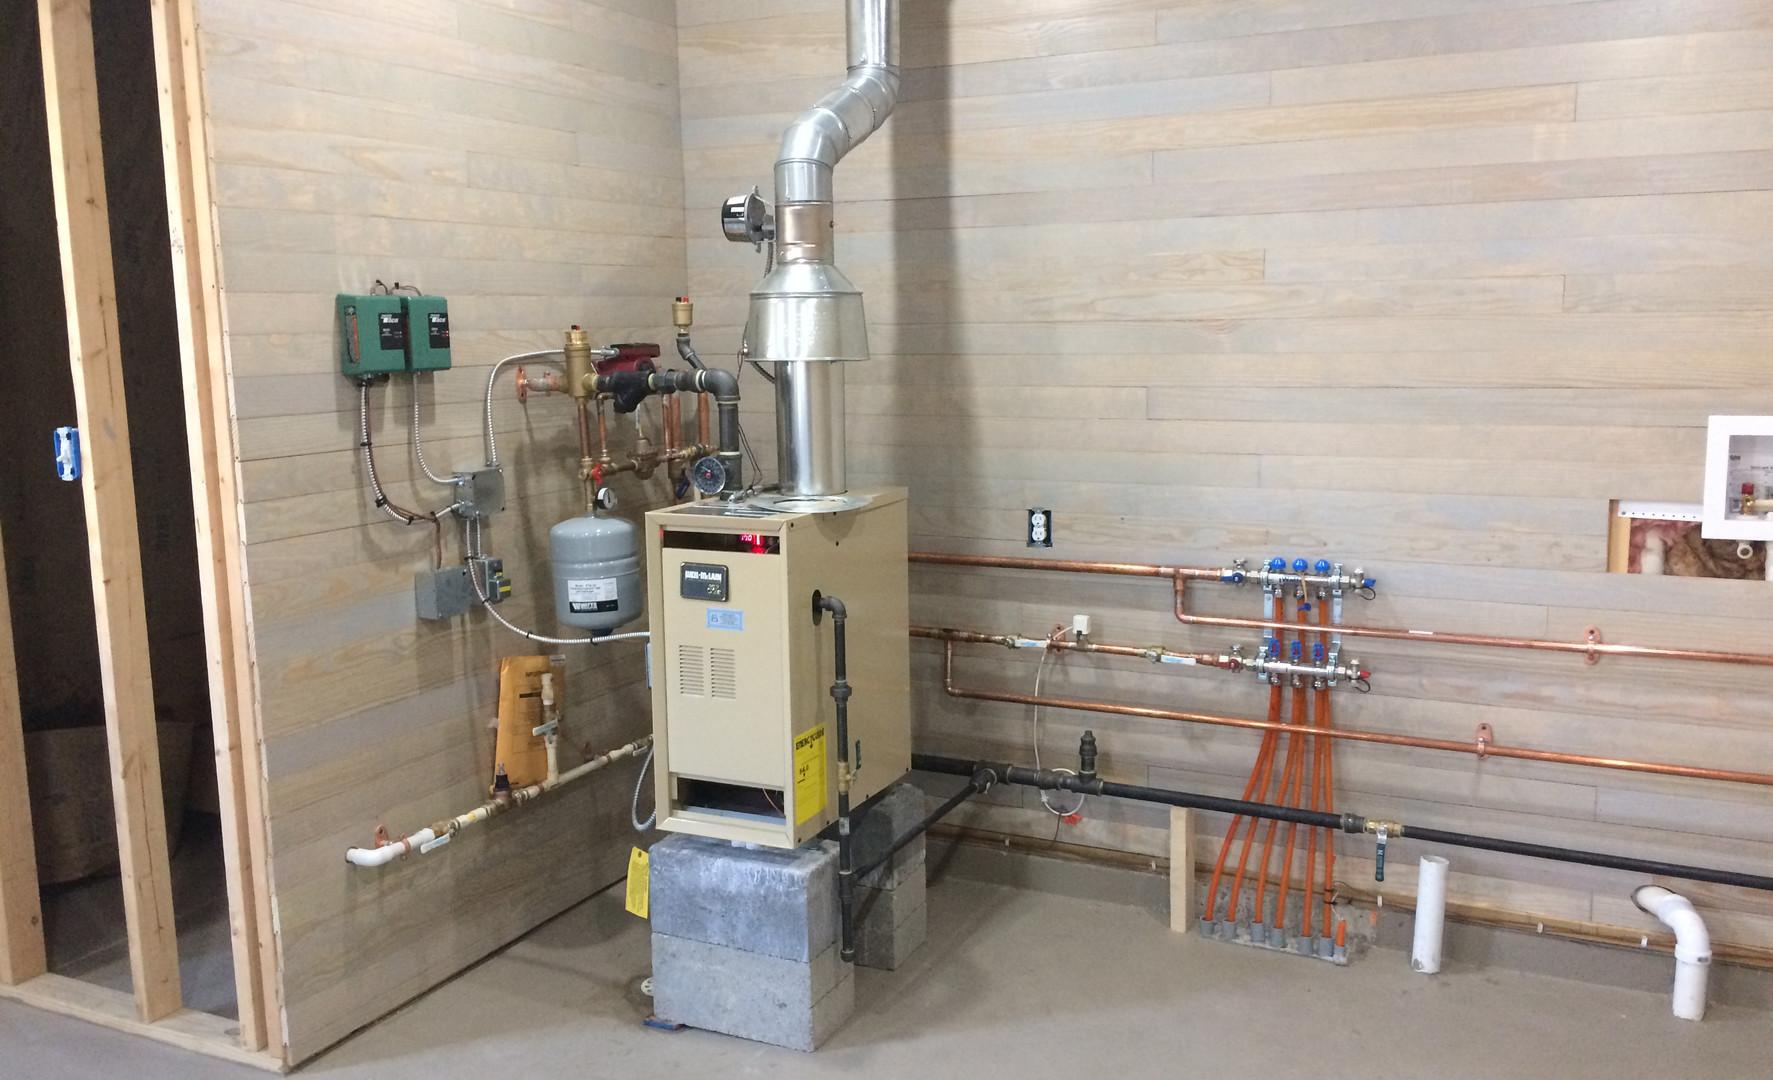 Gas boiler 2-zone radiant floor heat